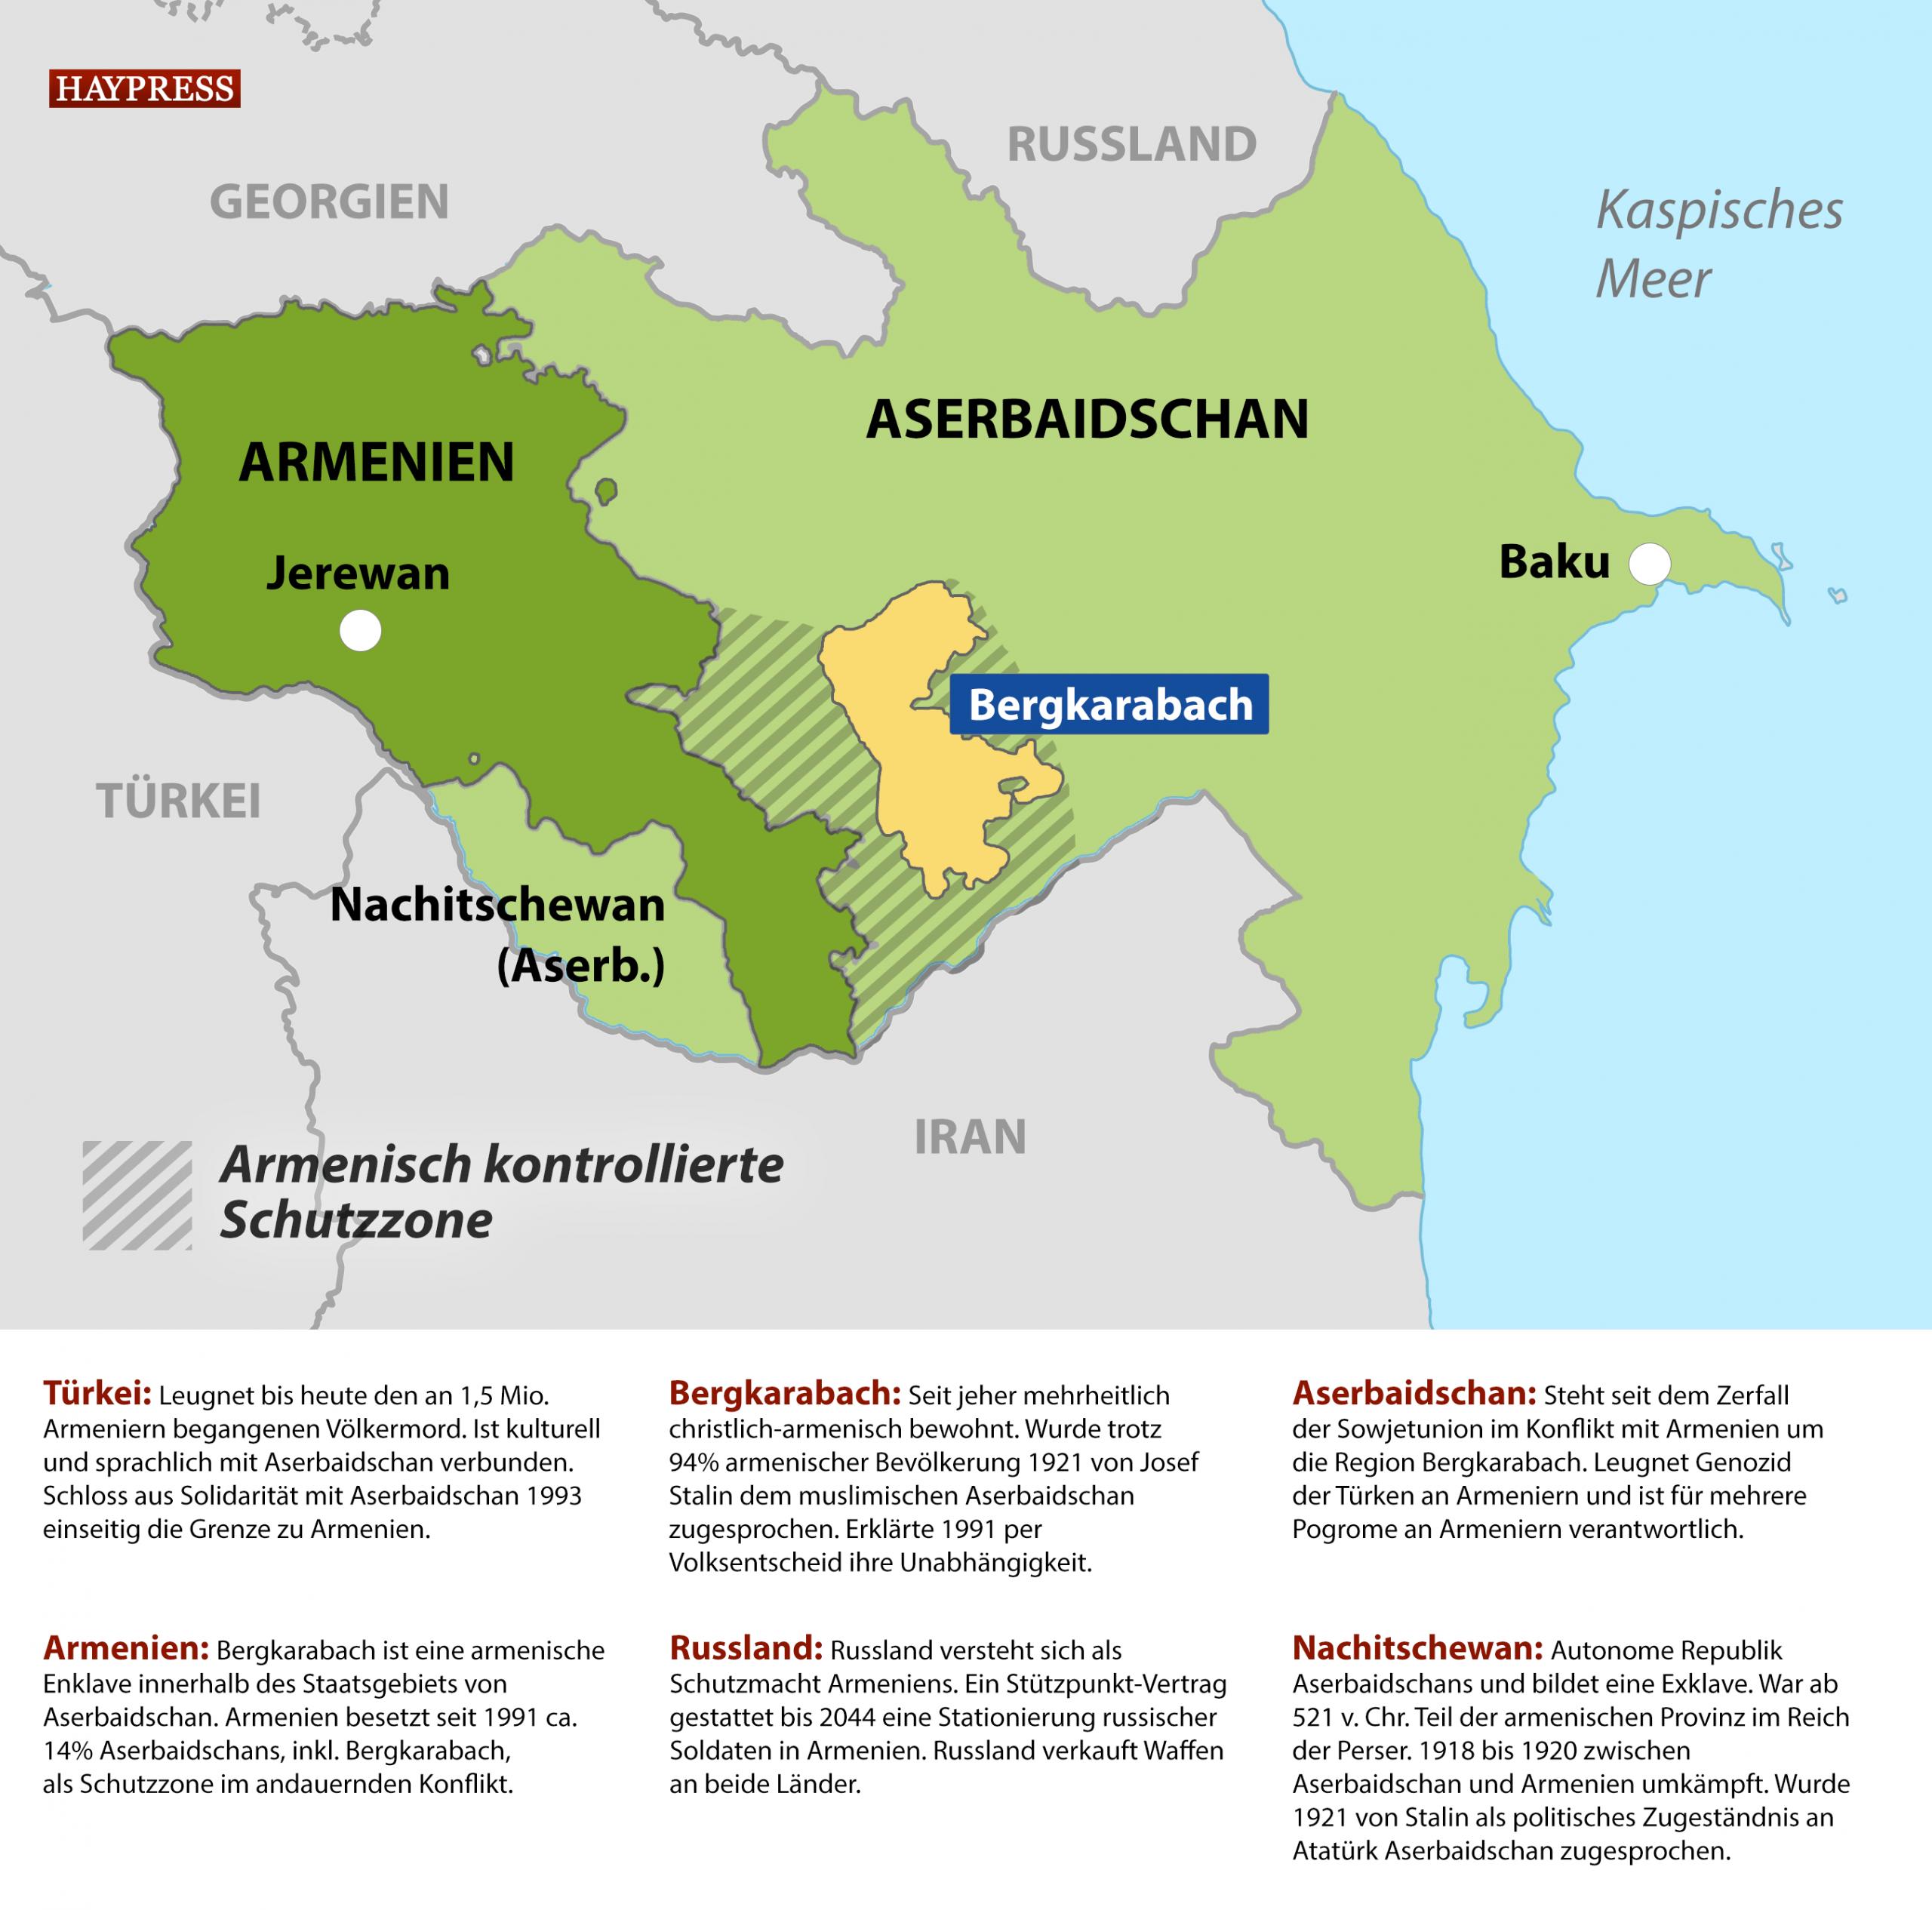 Bergkarabach Warum Das Leben Als Armenier Unter Aliyev Kaum Vorstellbar Ist Haypress